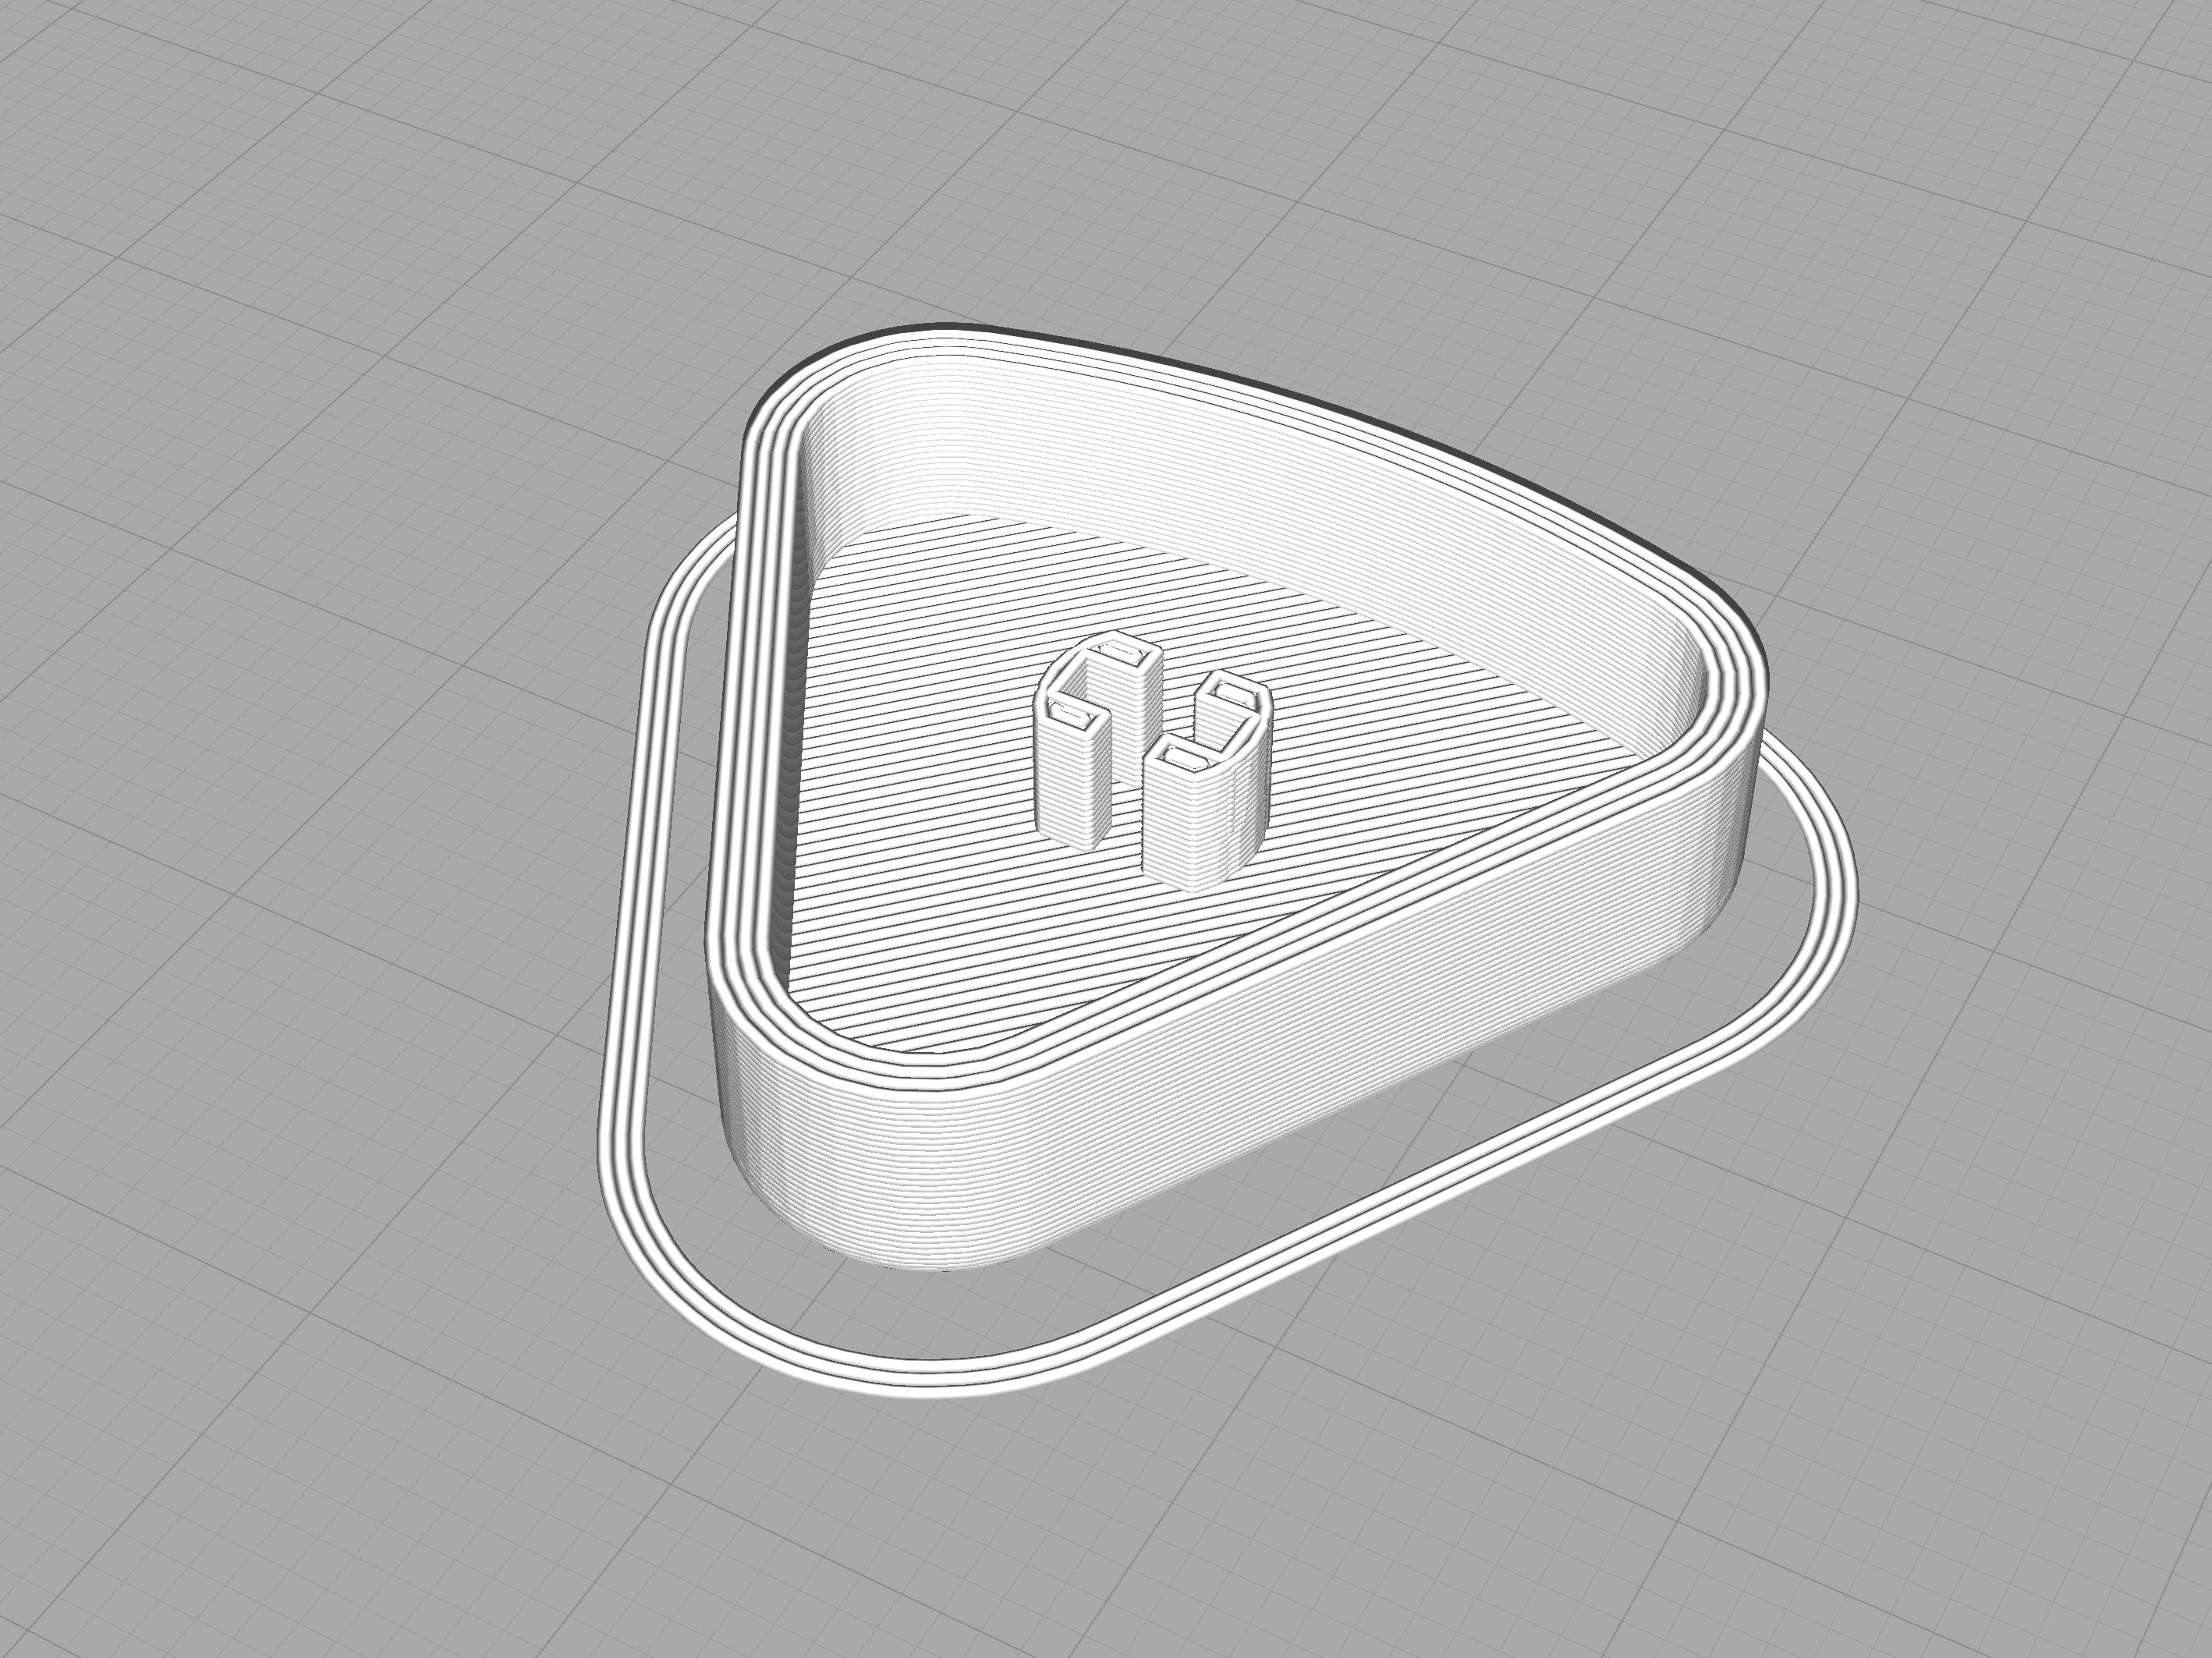 3d_printing_slice-keycap.jpg